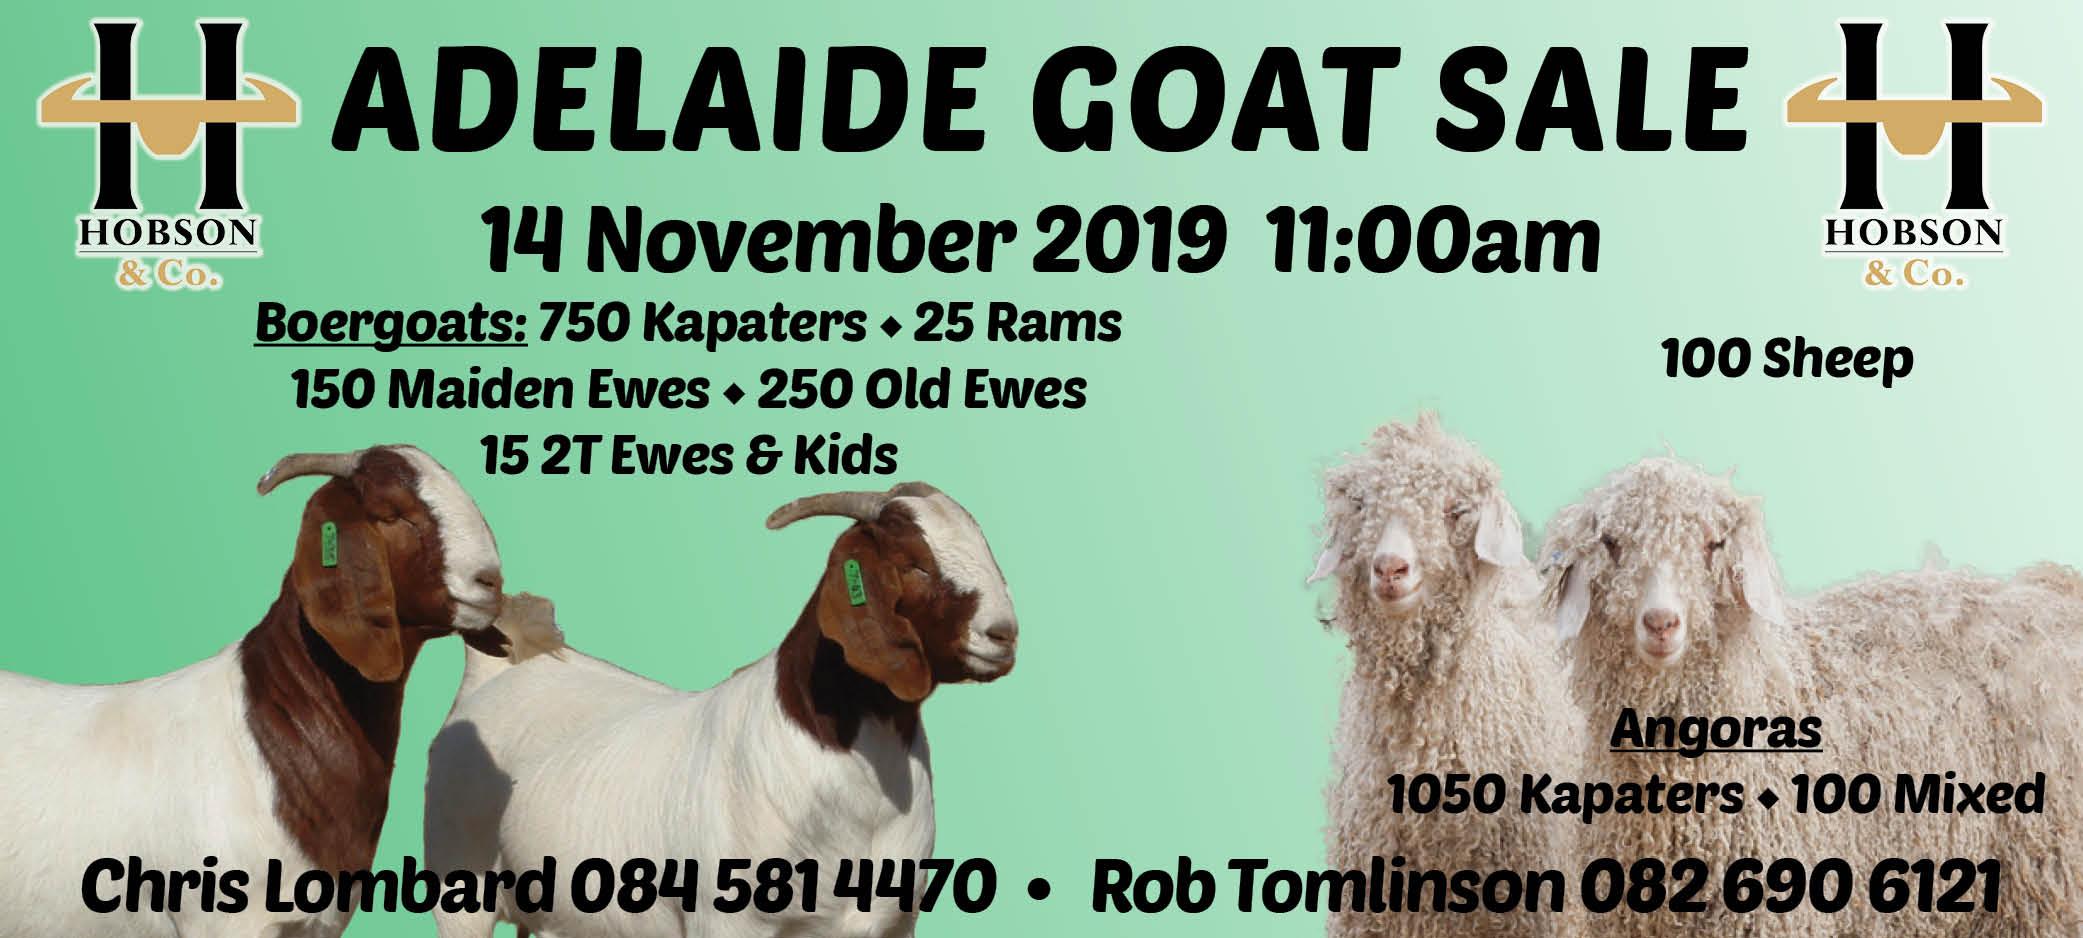 Adelaide Goat Sale Slider